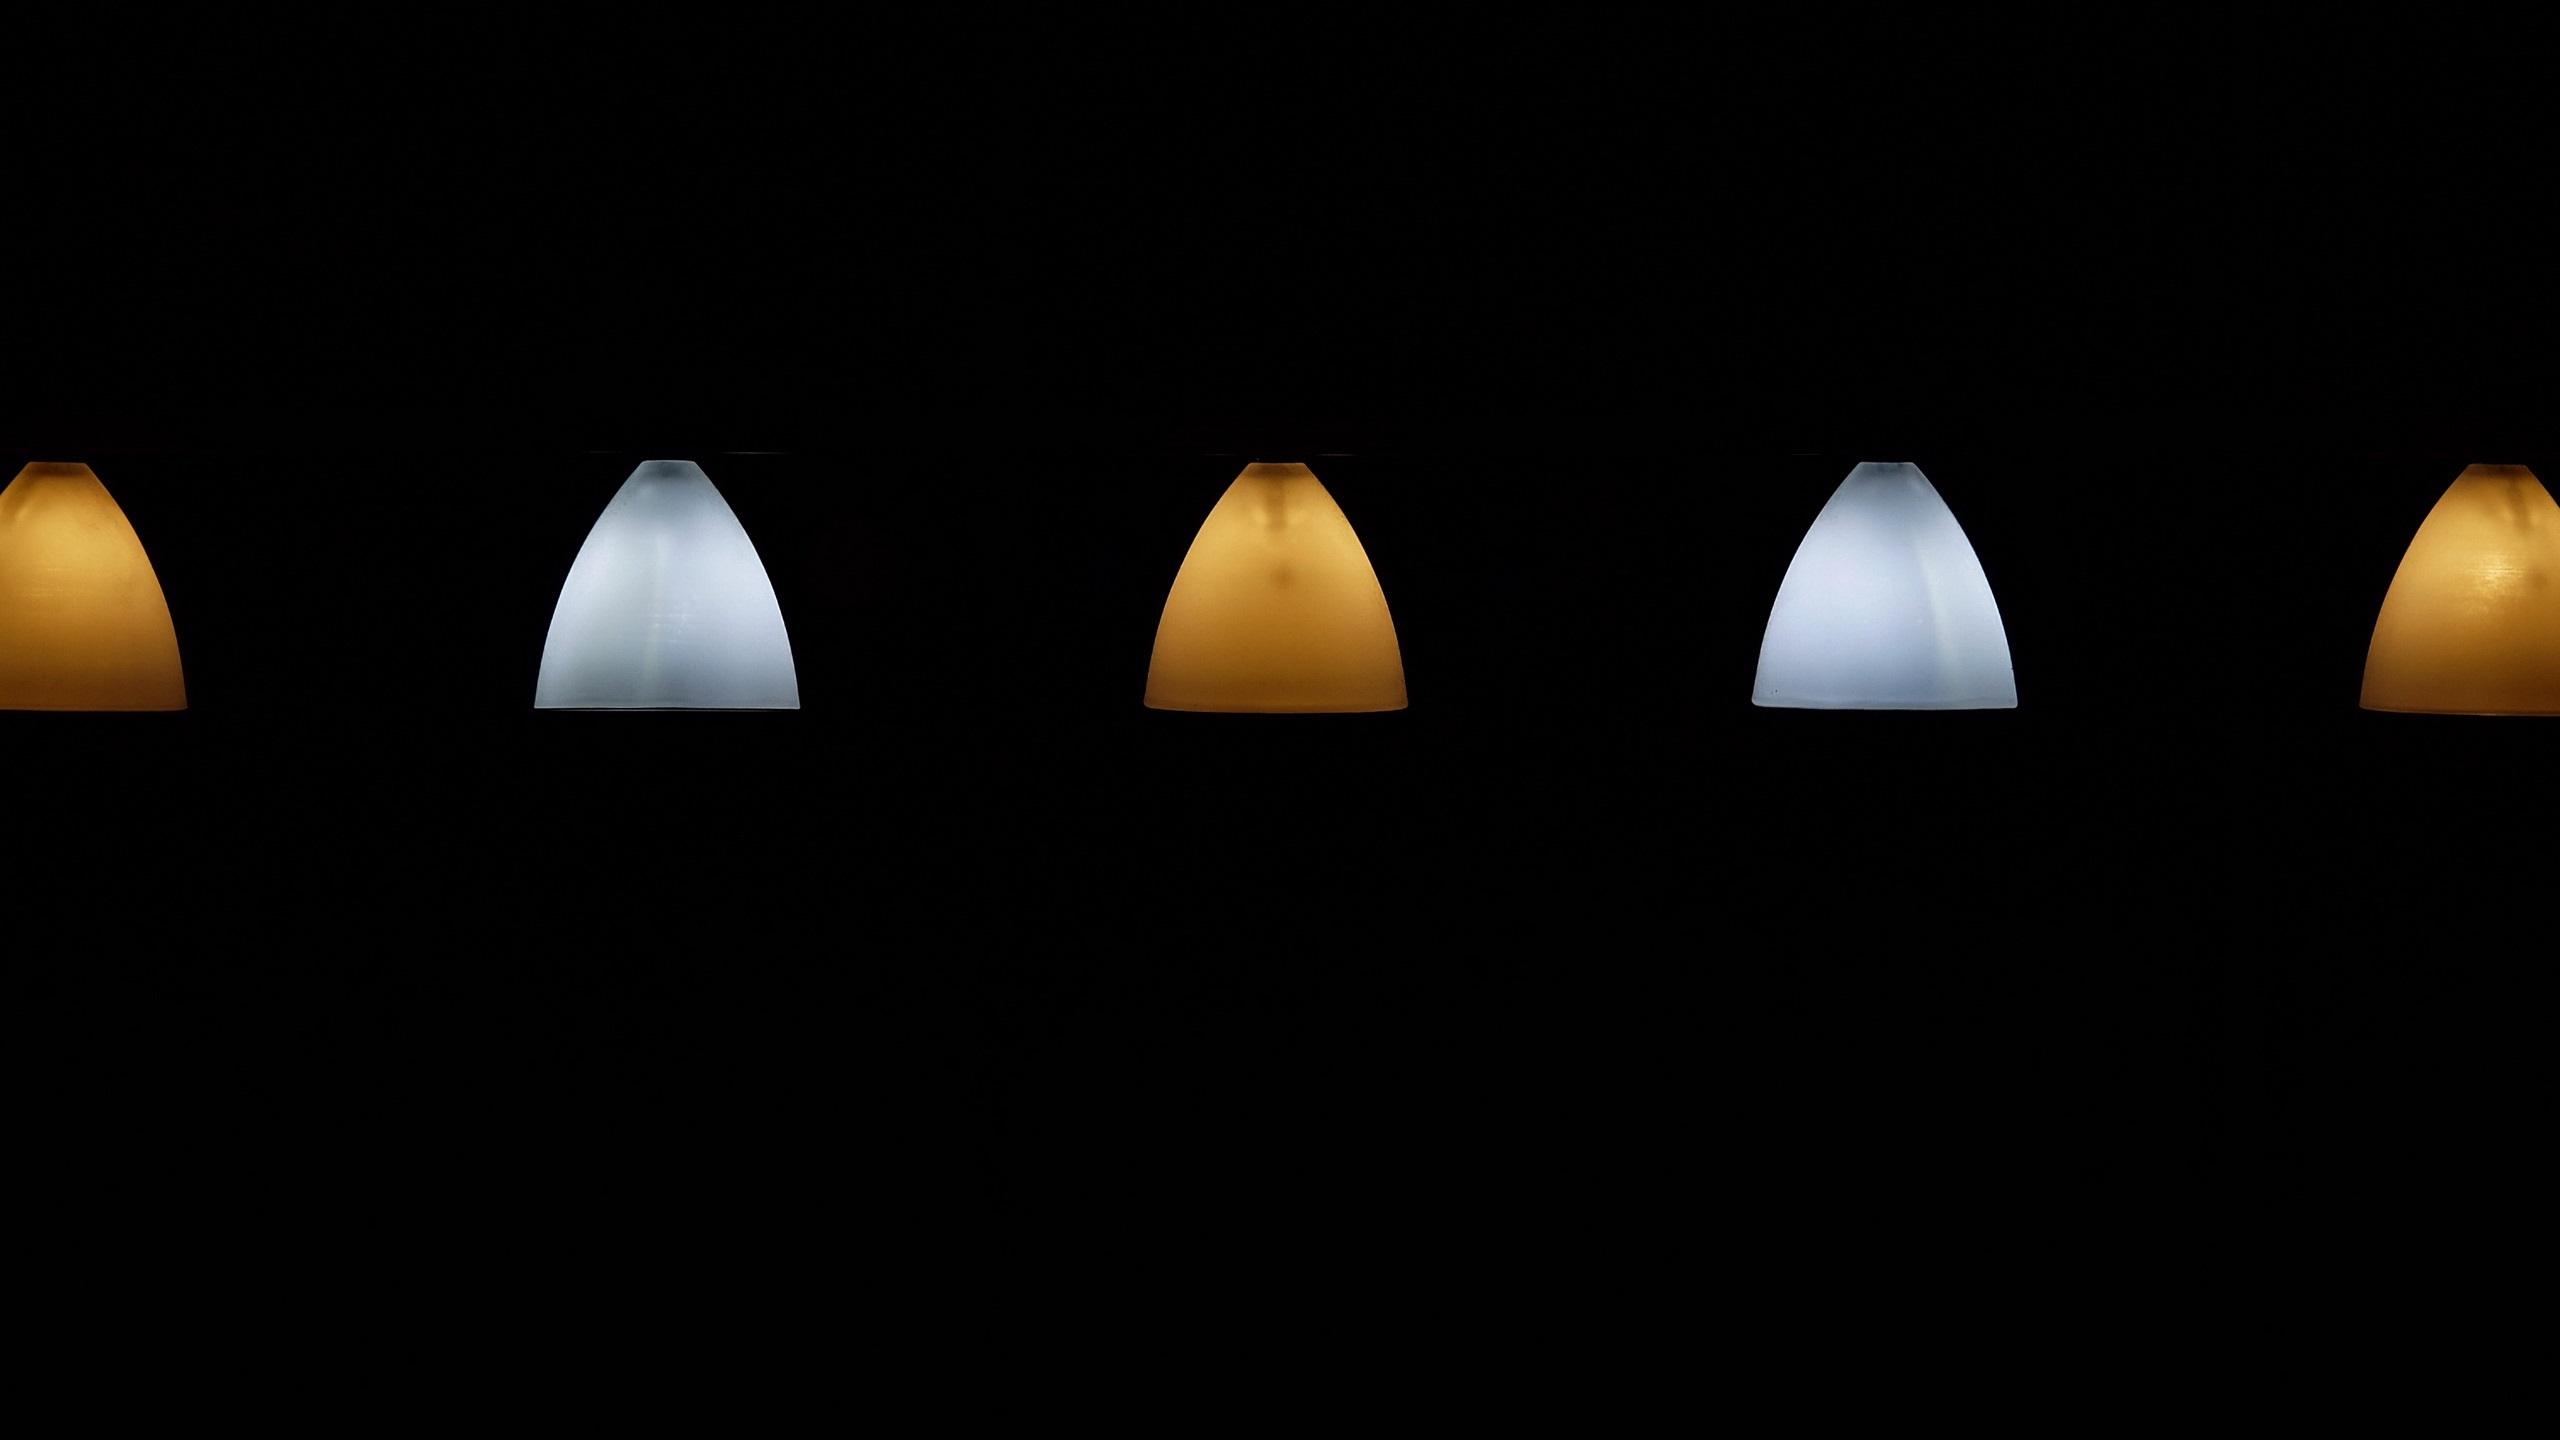 Fonds D Ecran Lampe Jaune Et Blanche Fond Noir 2560x1440 Qhd Image